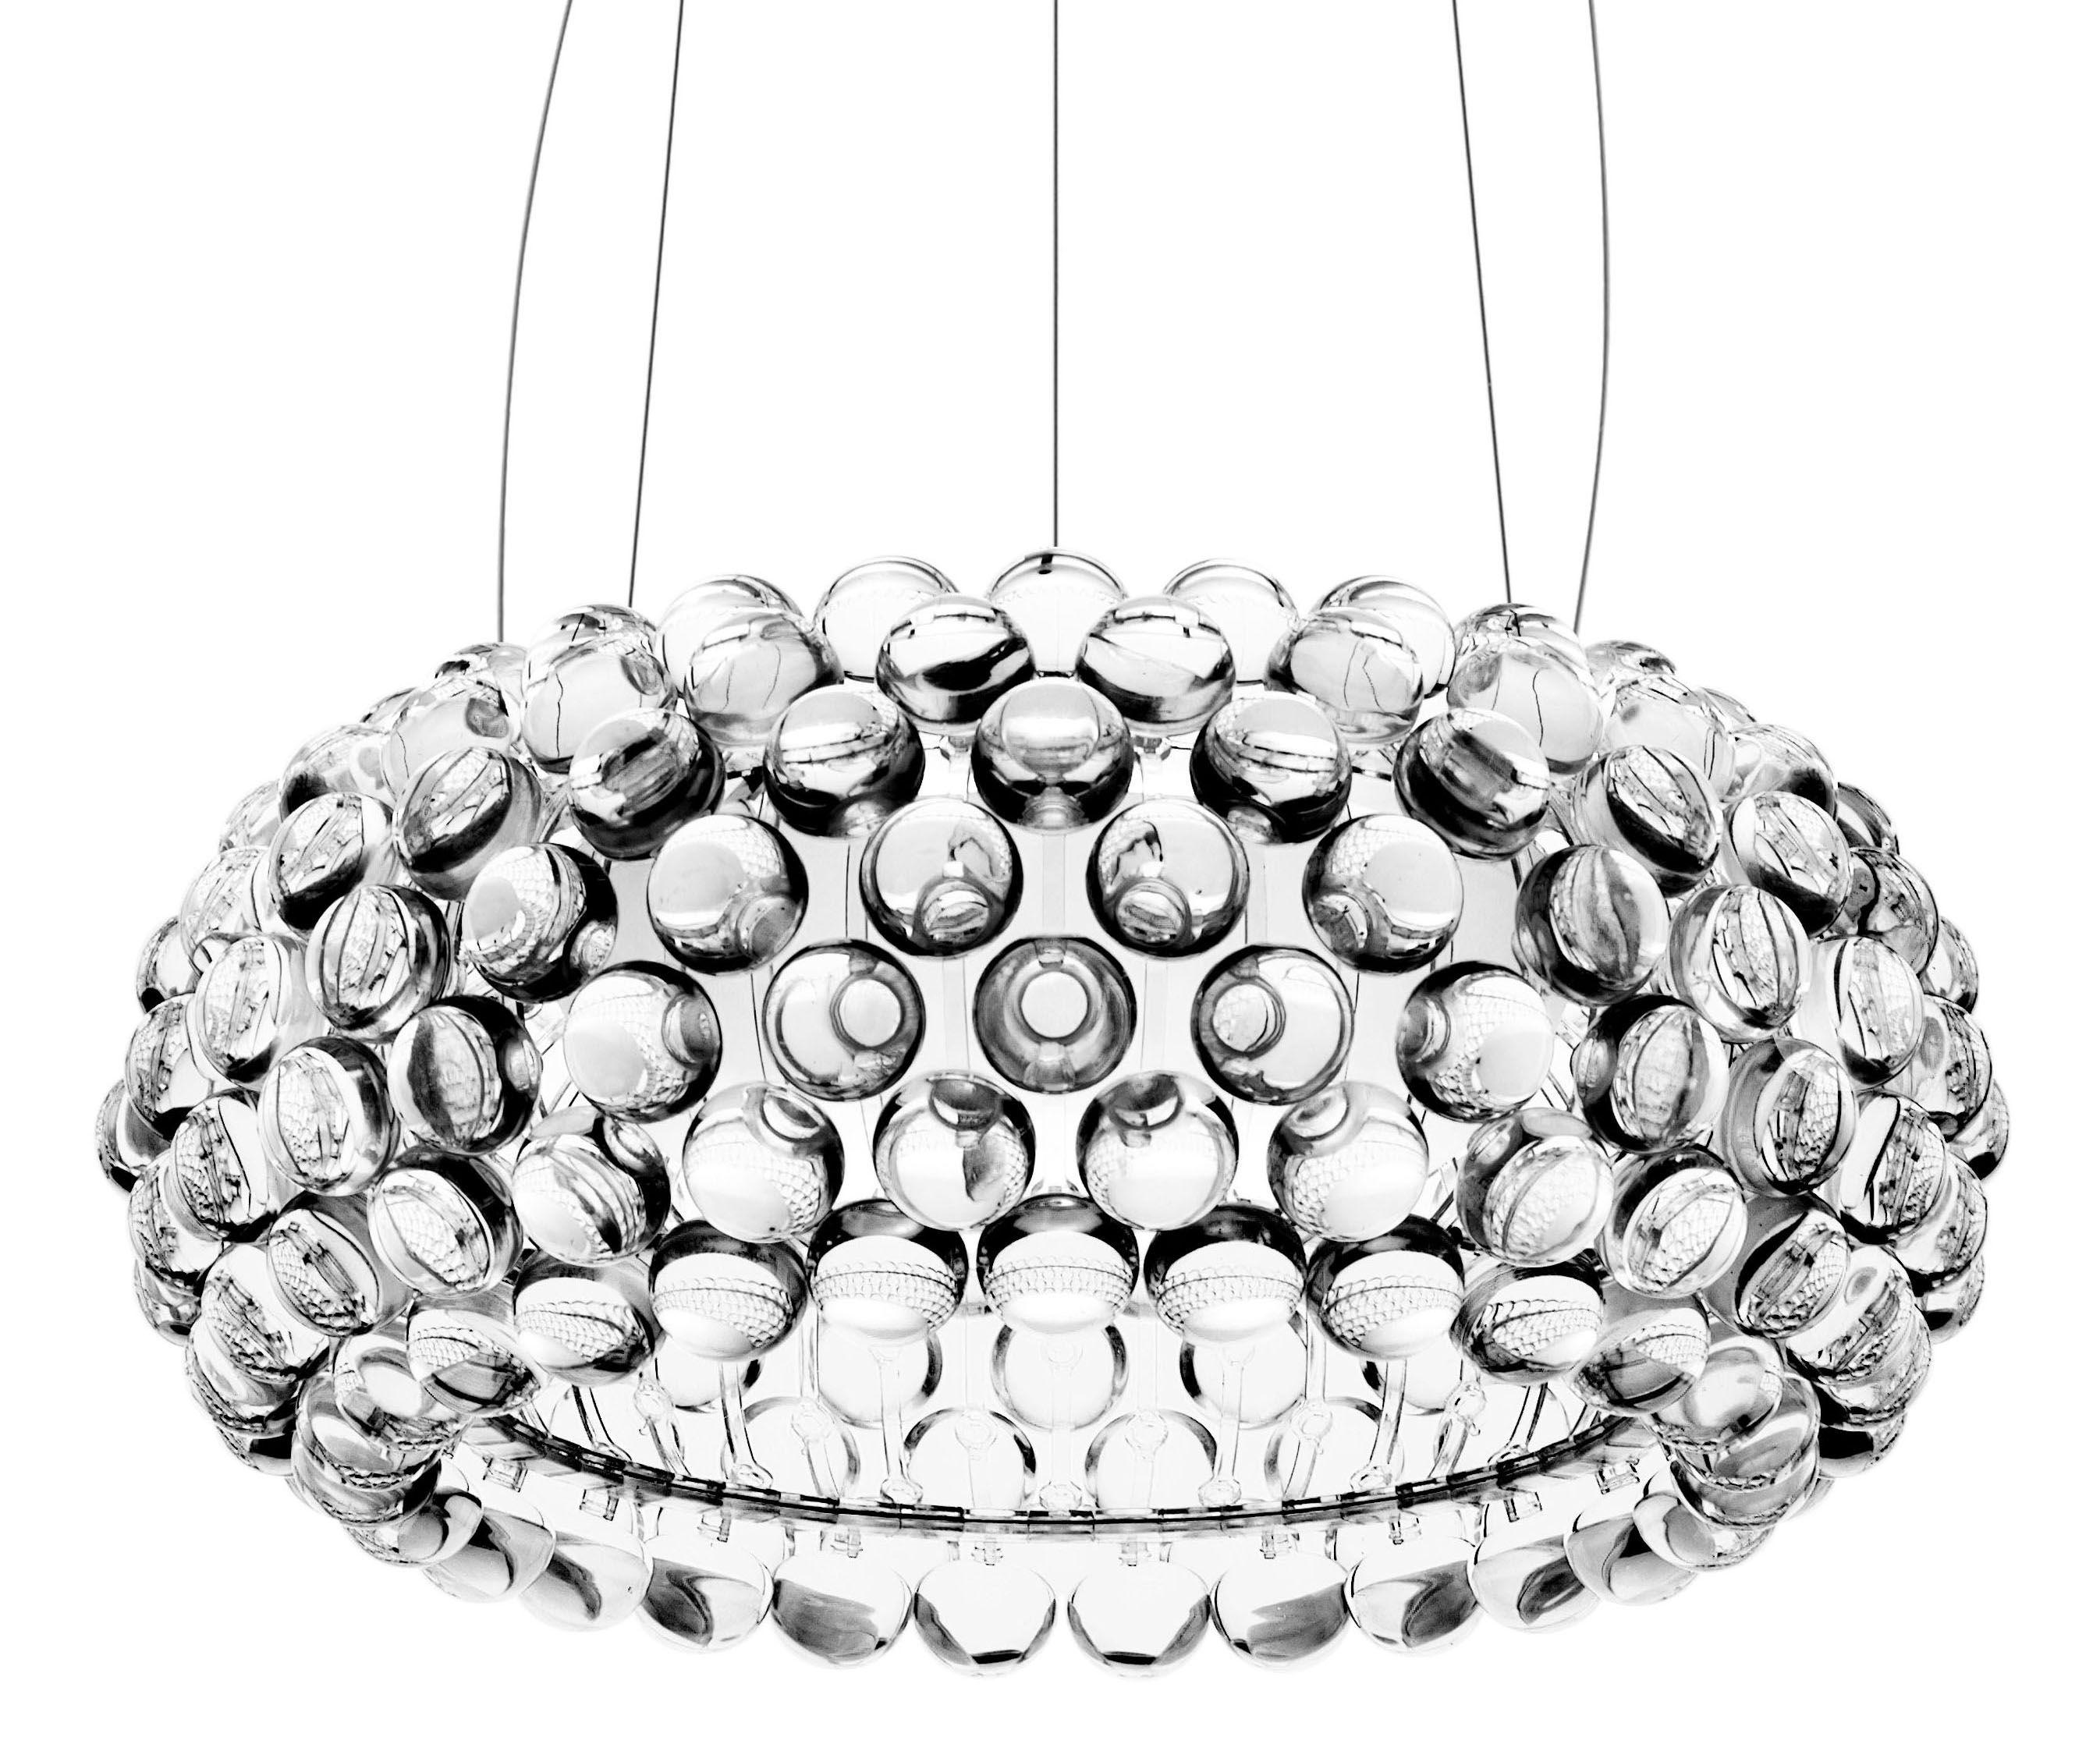 Leuchten - Pendelleuchten - Caboche Media Pendelleuchte - Foscarini - Schirm Ø 50 cm - H 20 cm - PMMA